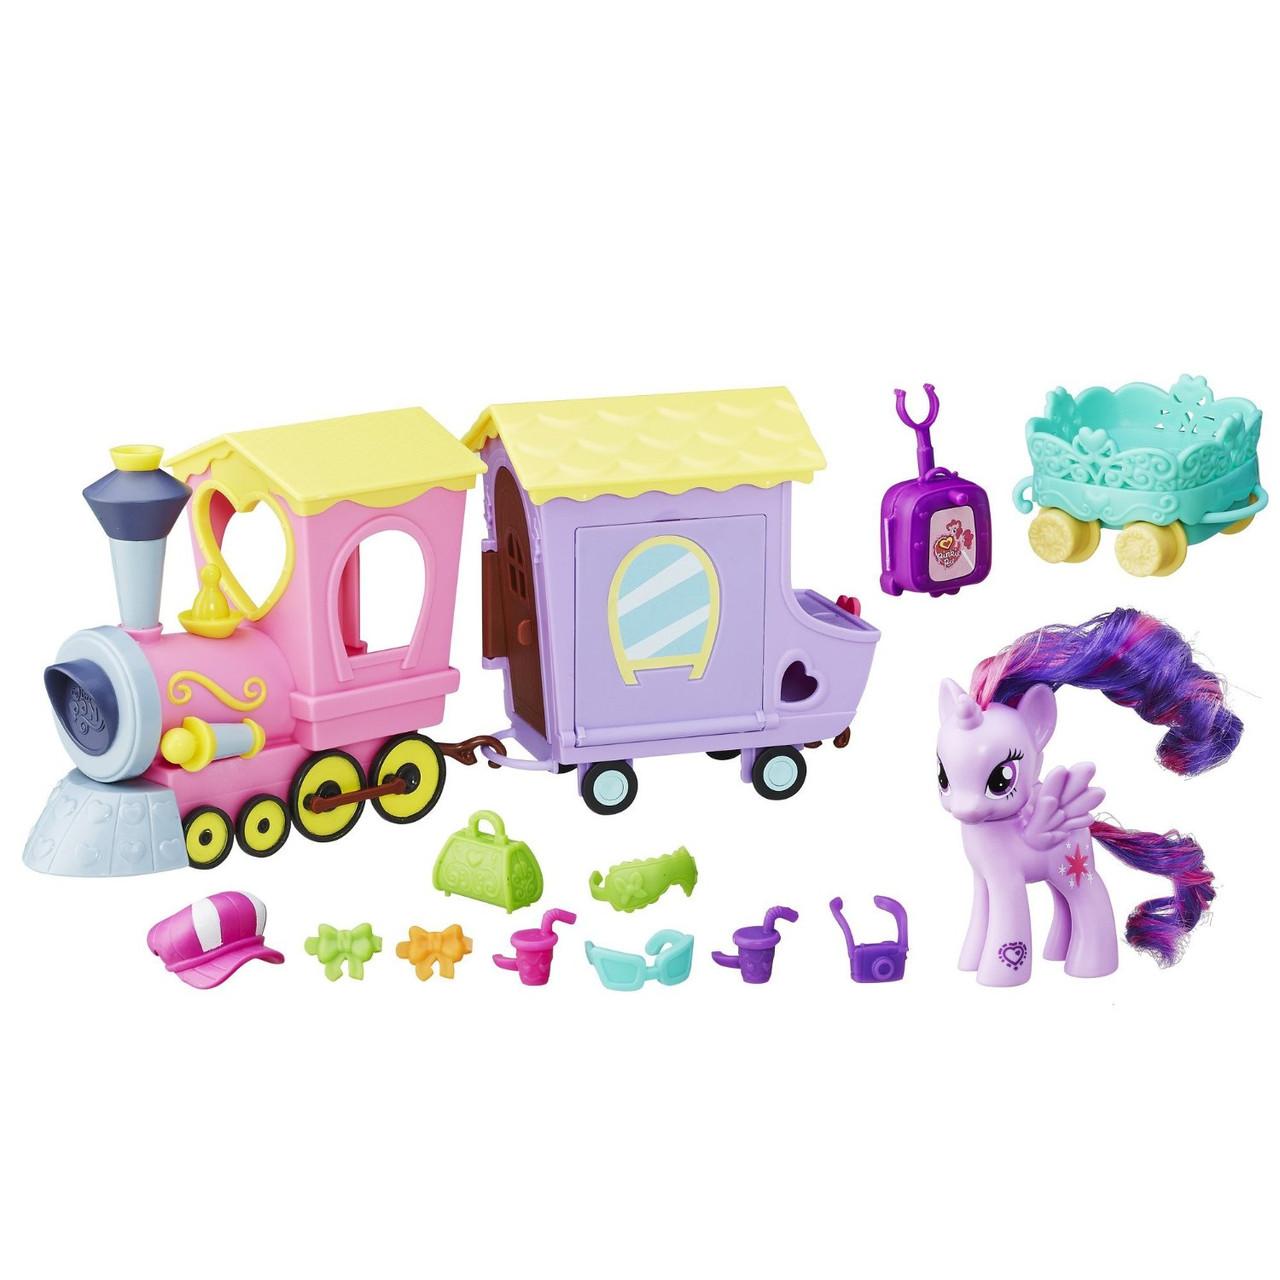 Пони Твайлайт Поезд дружбы игровой набор My Little Pony Explore Equestria Friendship Express Train